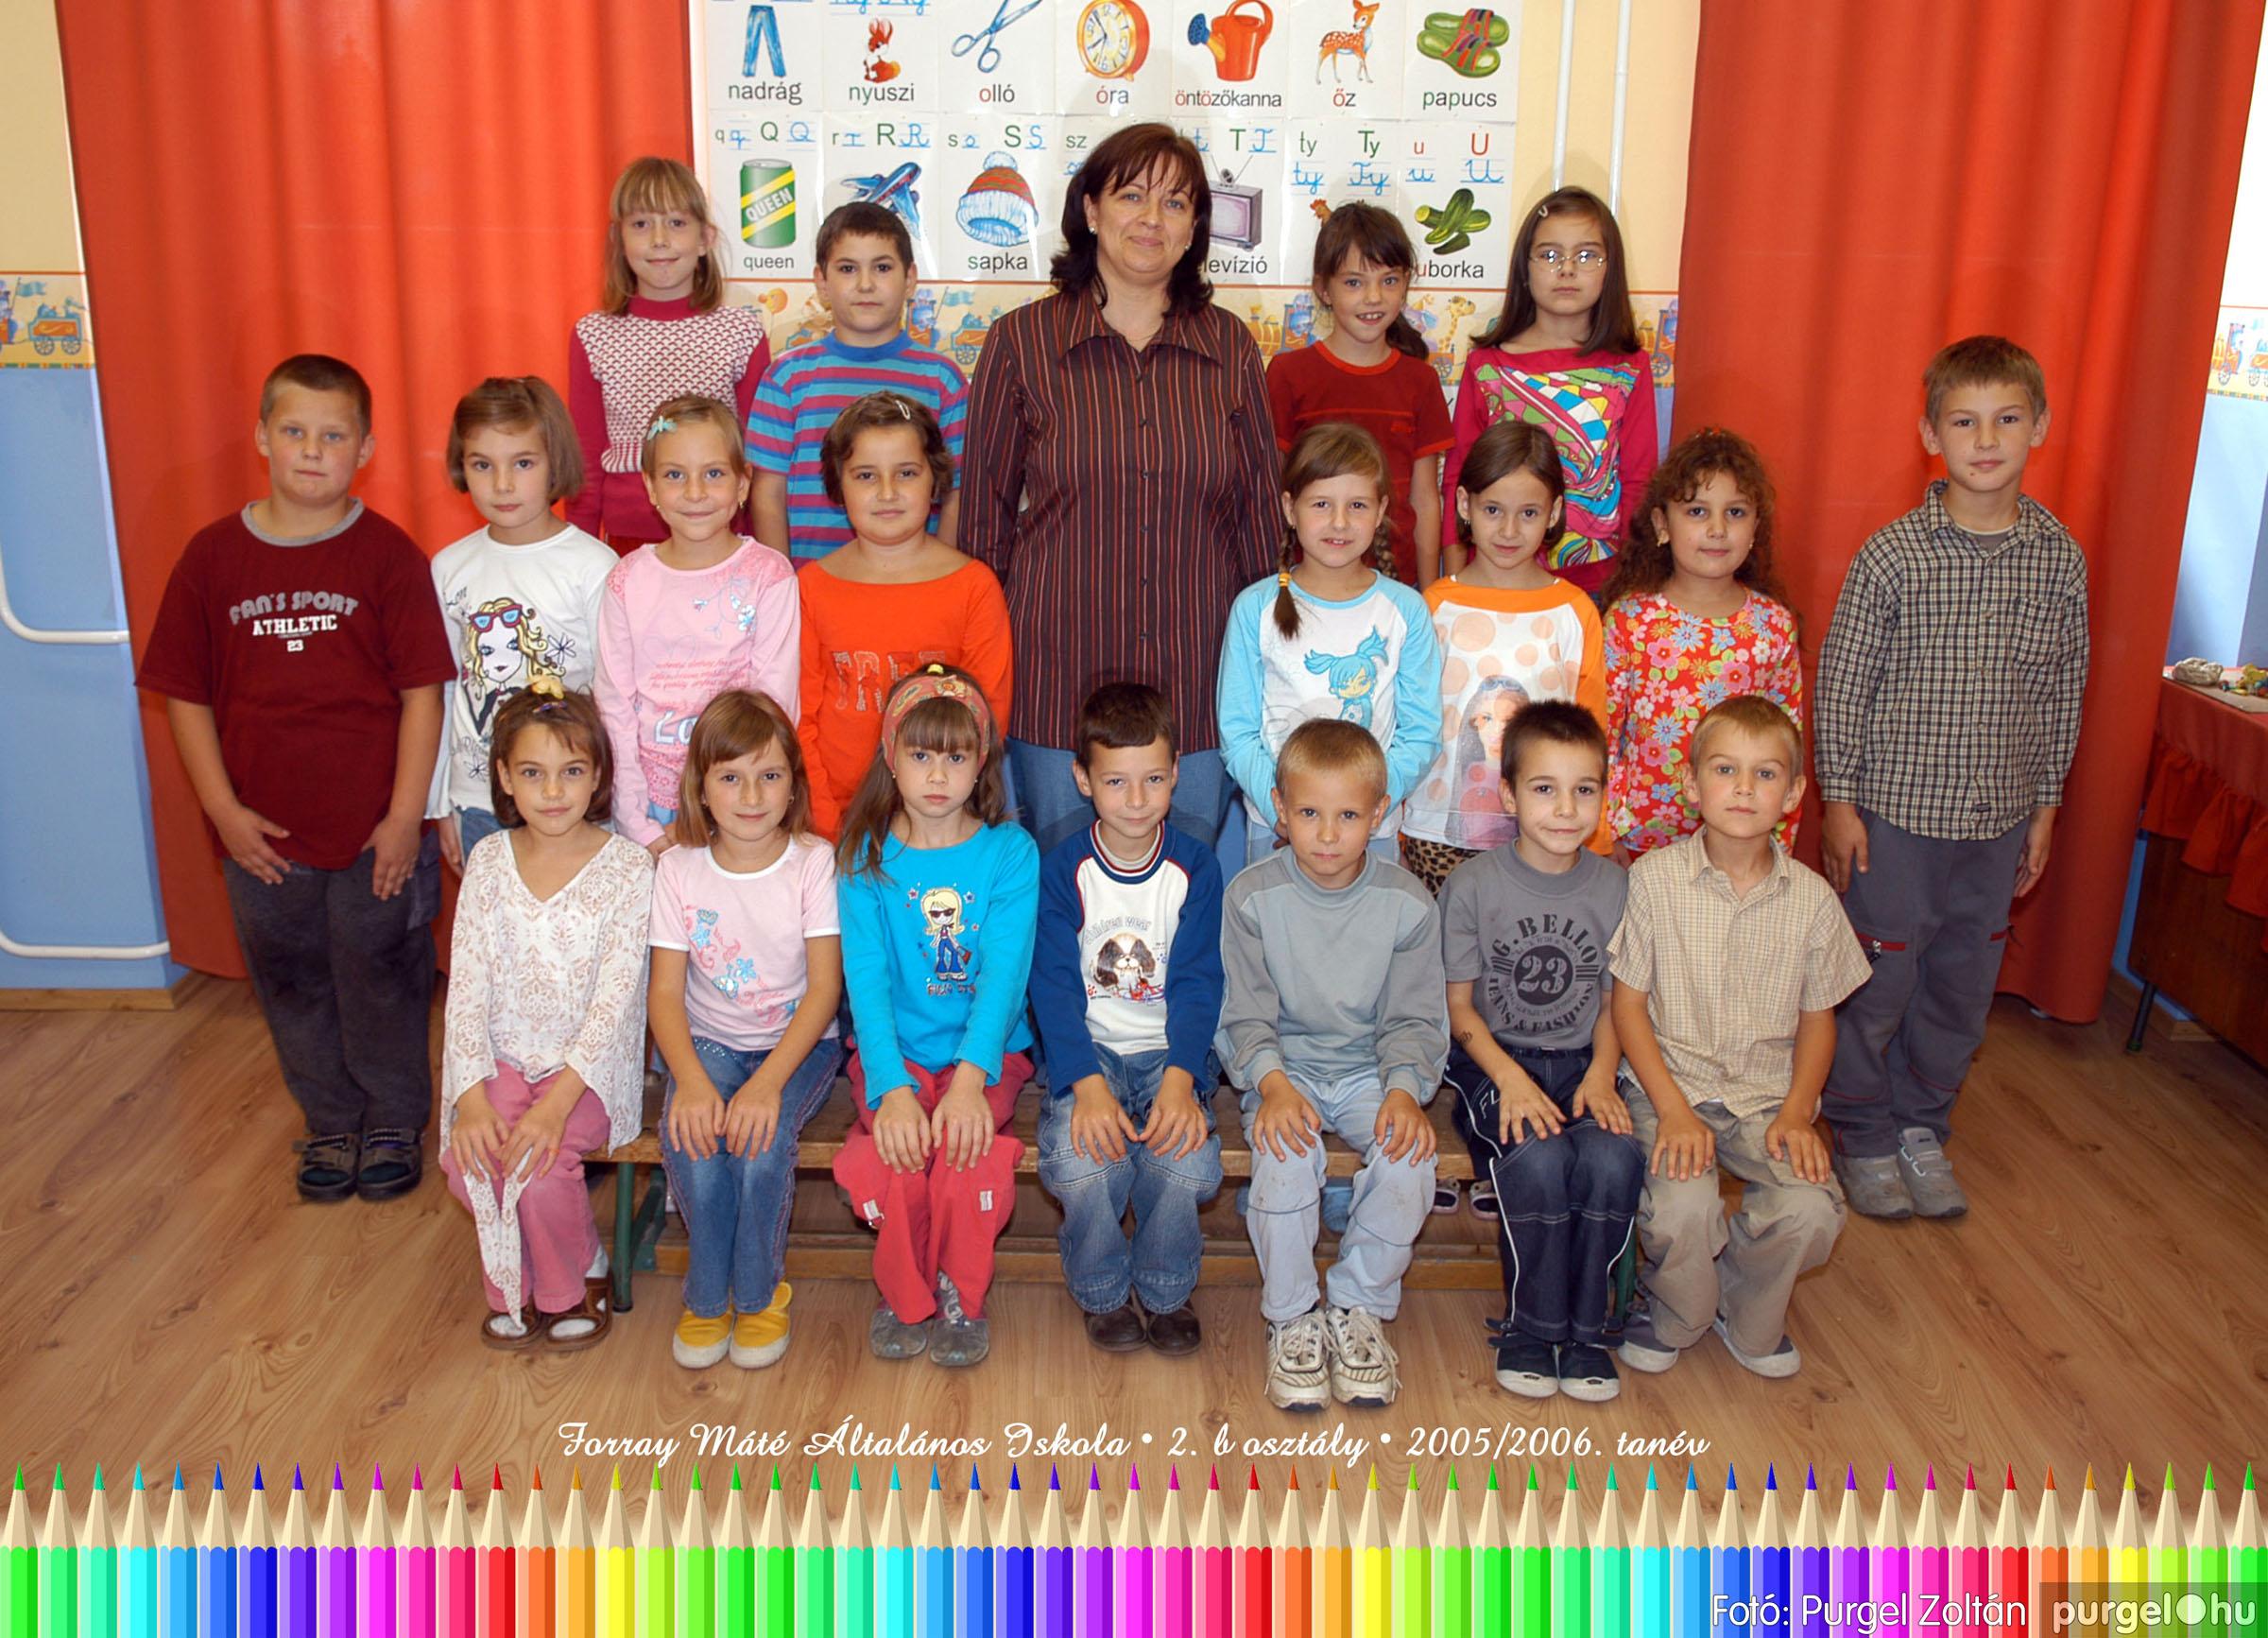 2005.09.21-10.06. 005 Forray Máté Általános Iskola osztályképek 2005. - Fotók:PURGEL ZOLTÁN© 2bkomoly.jpg